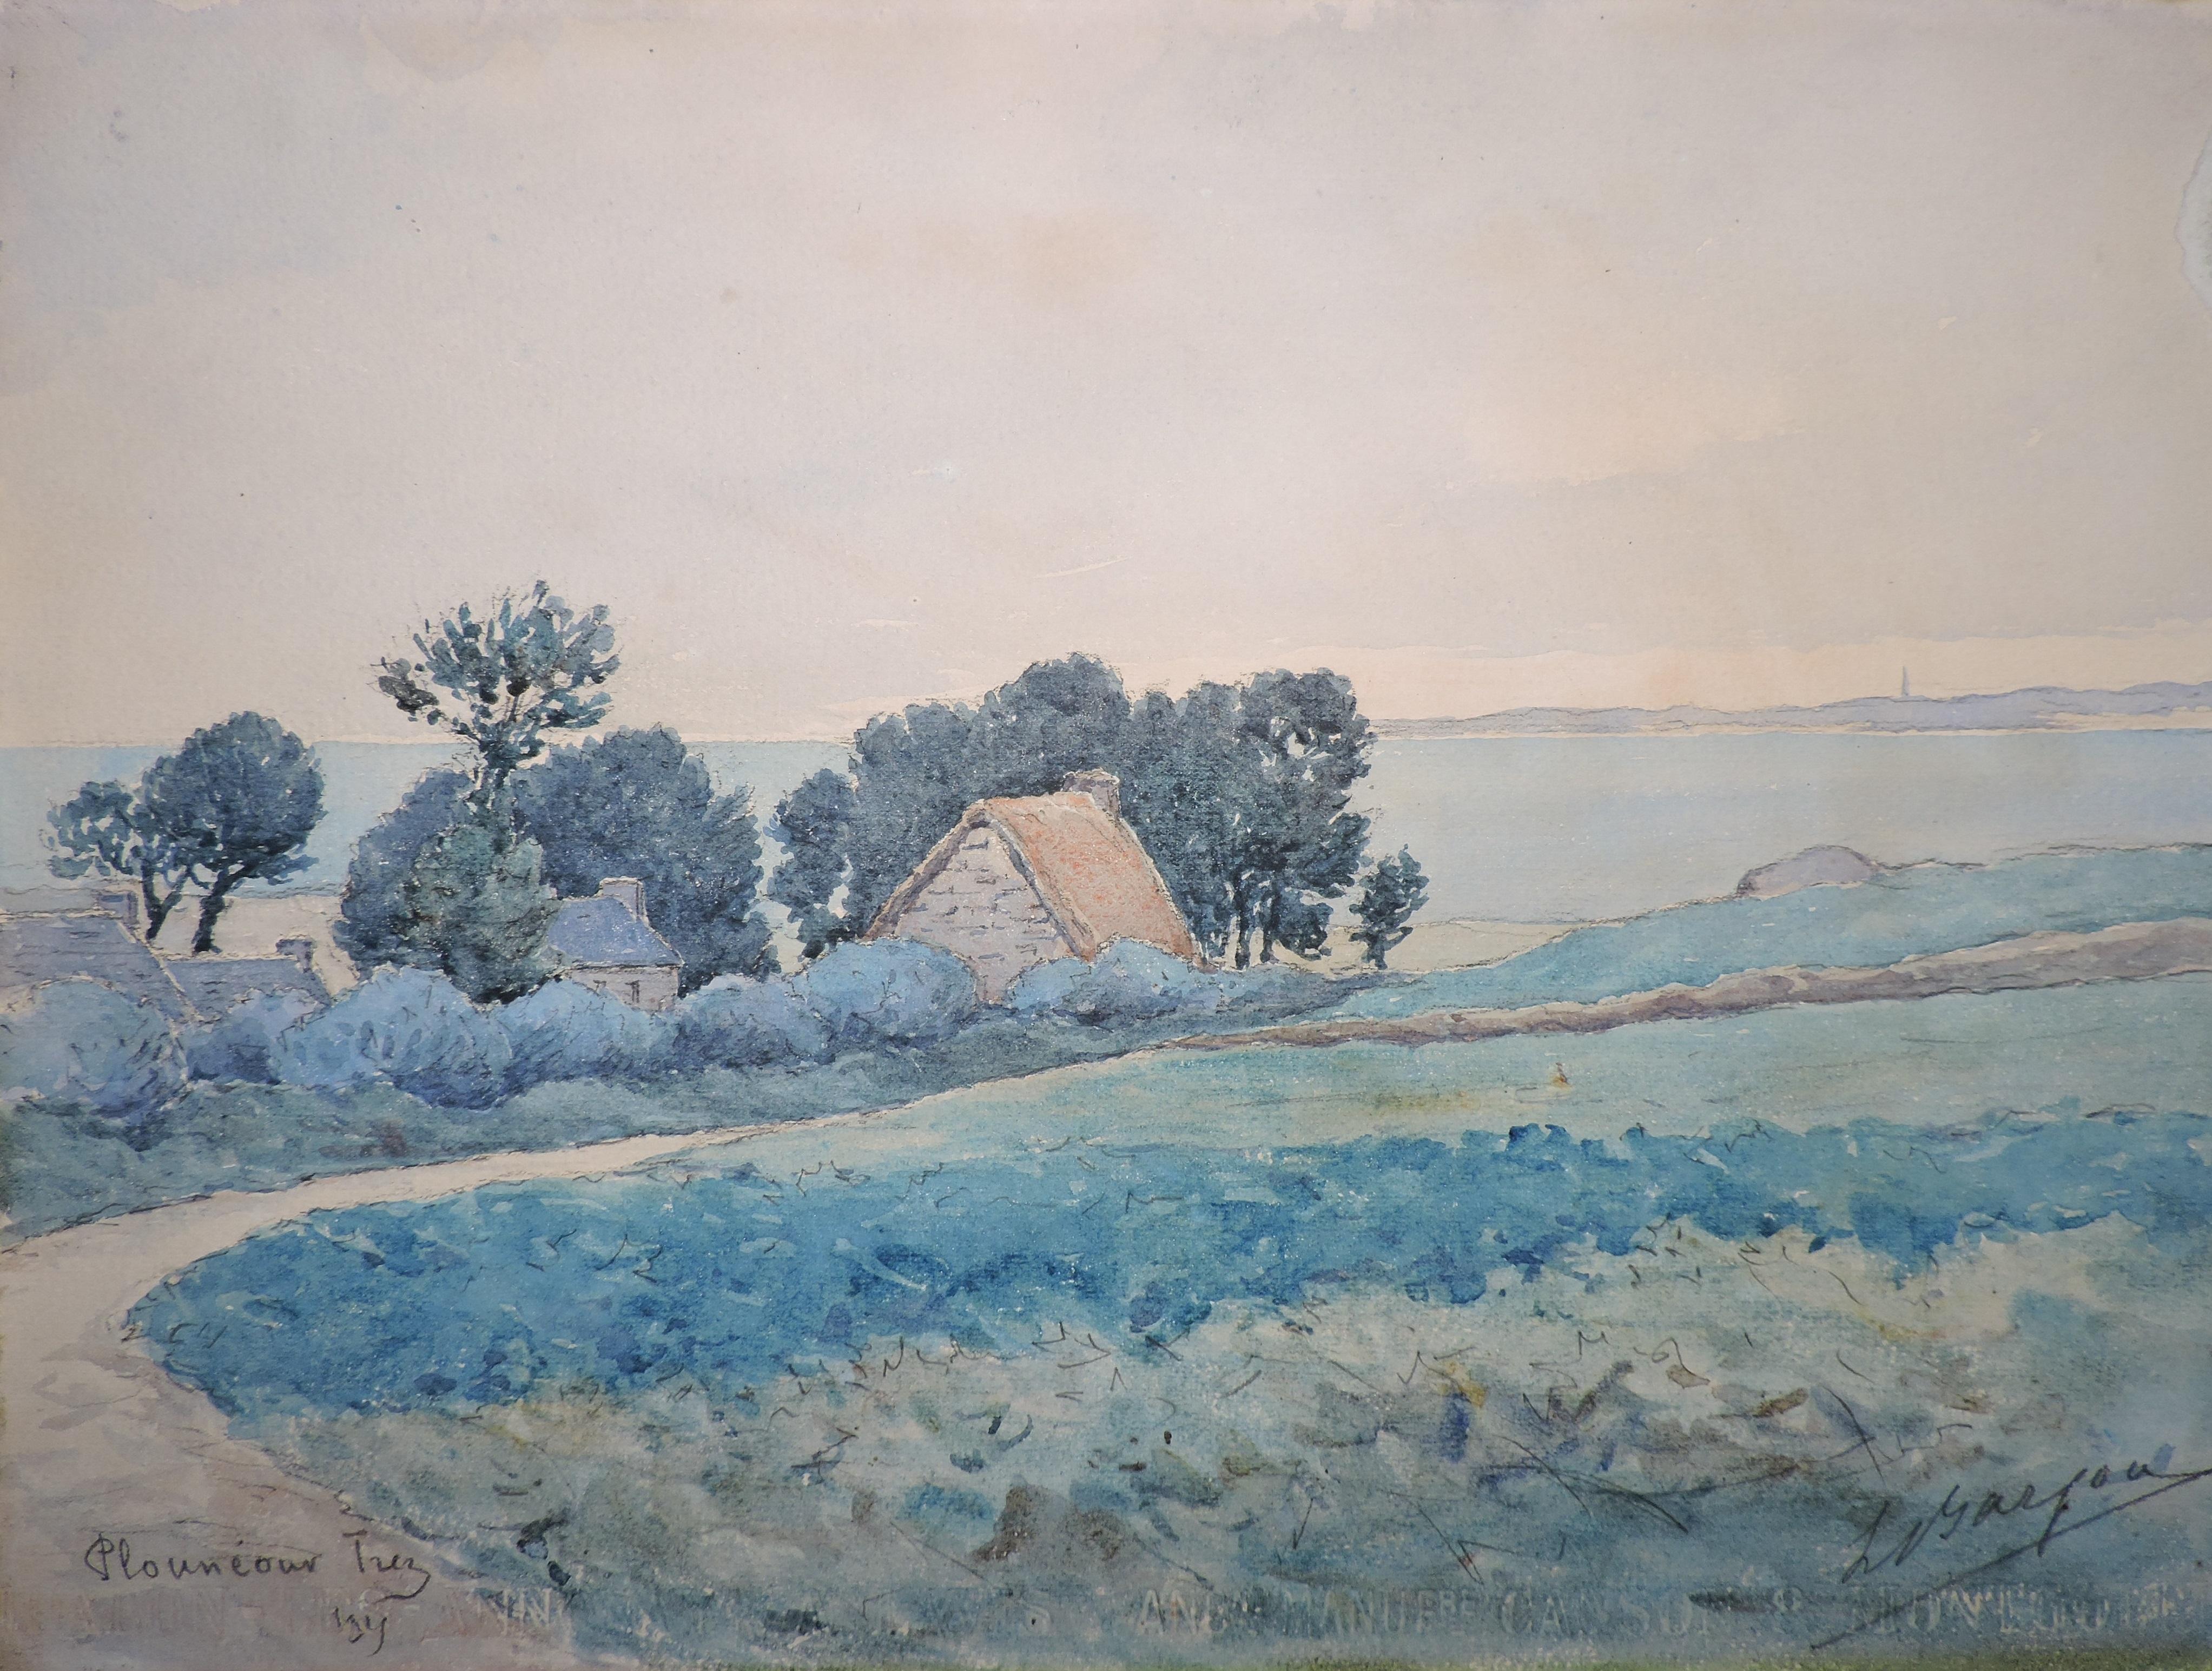 Plounéour-Trez